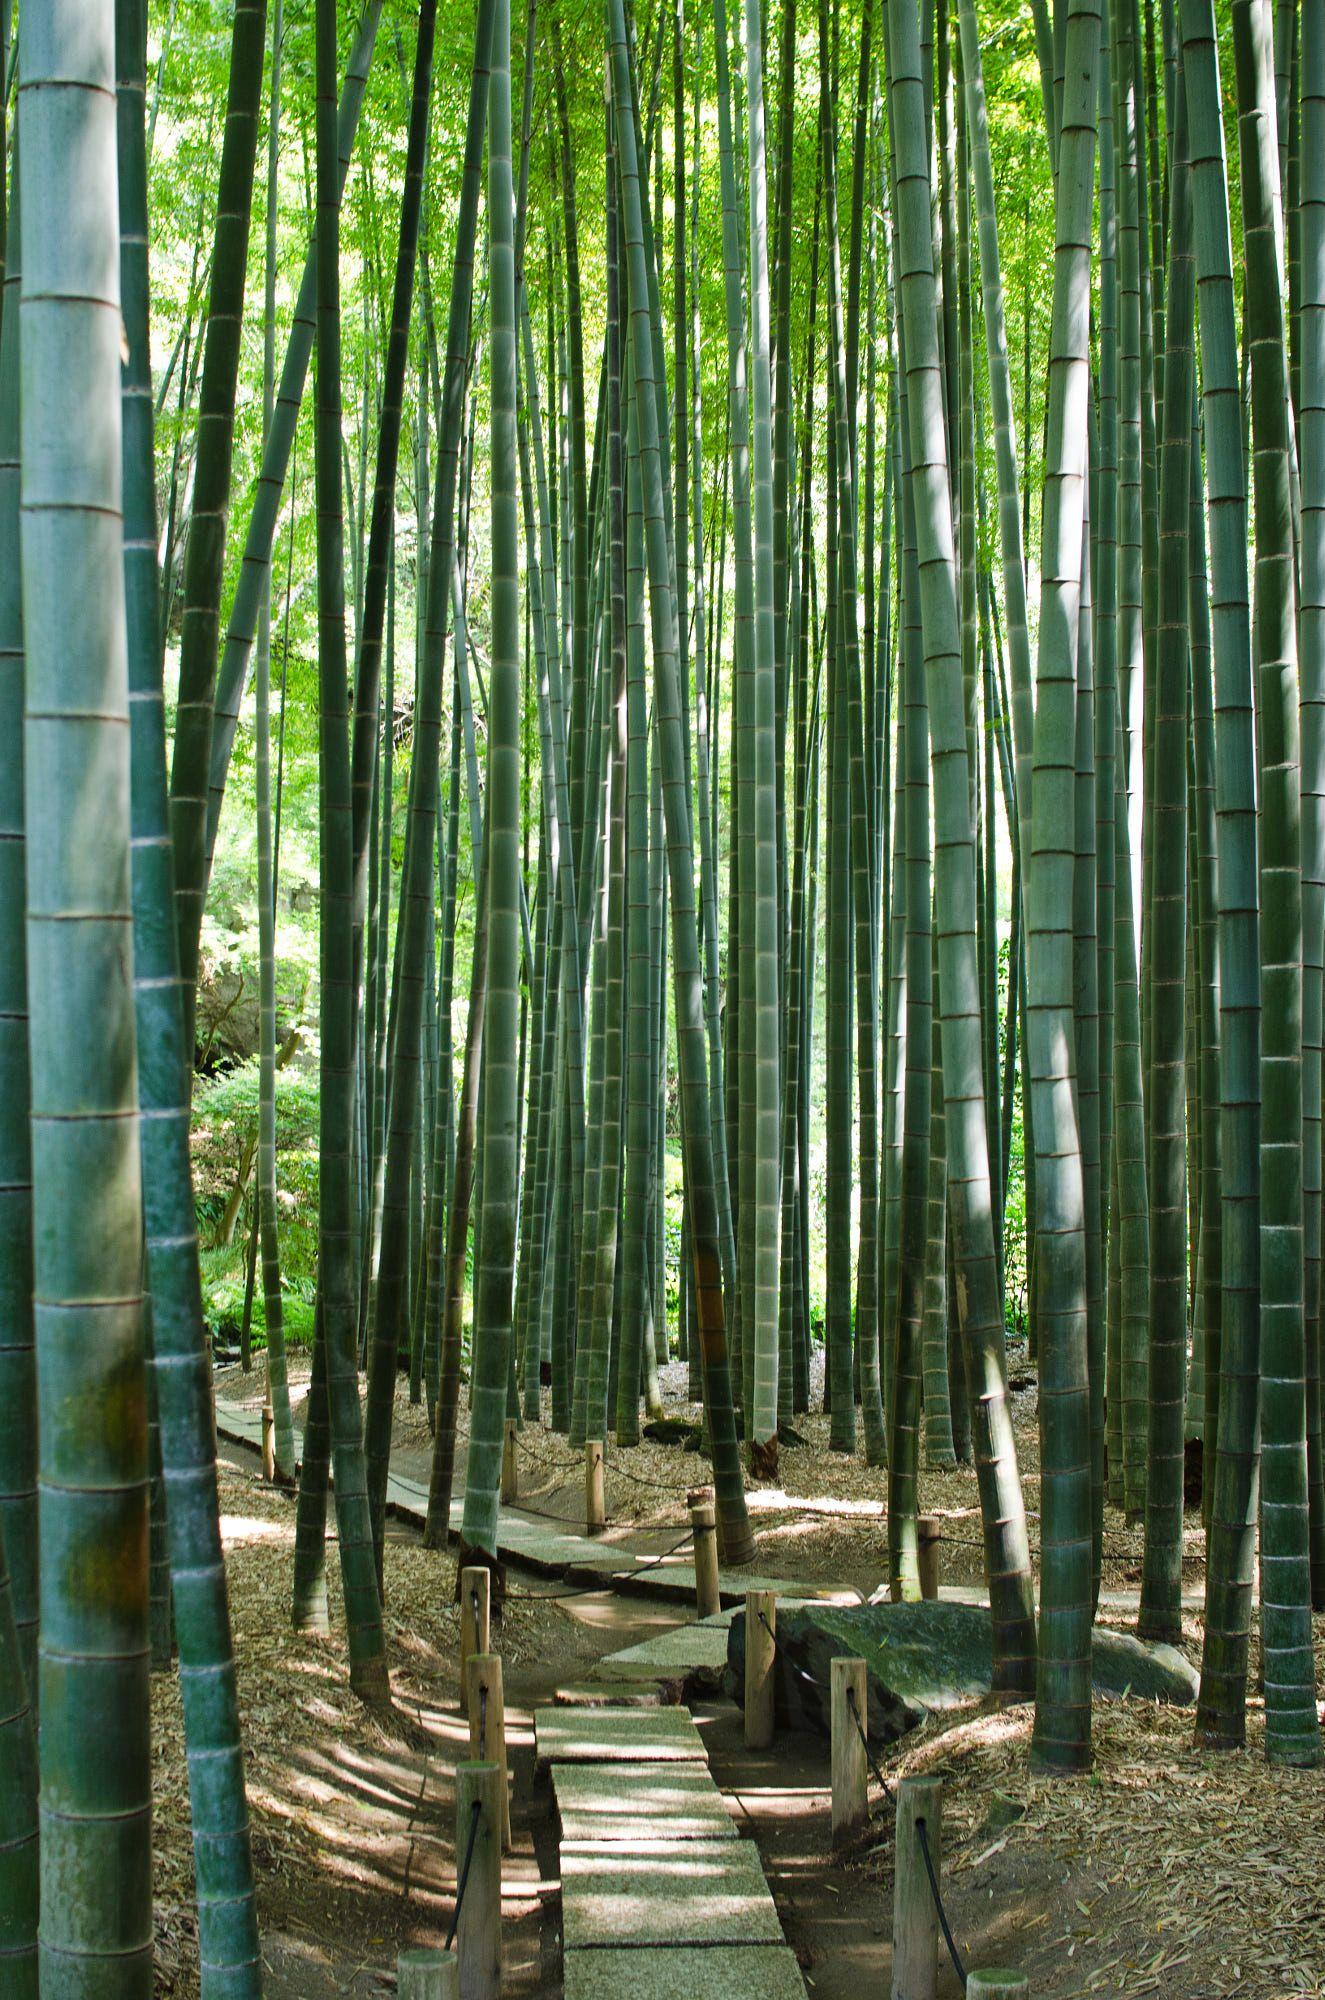 Bamboo by Shinnji   Bamboo forest japan, Japanese garden